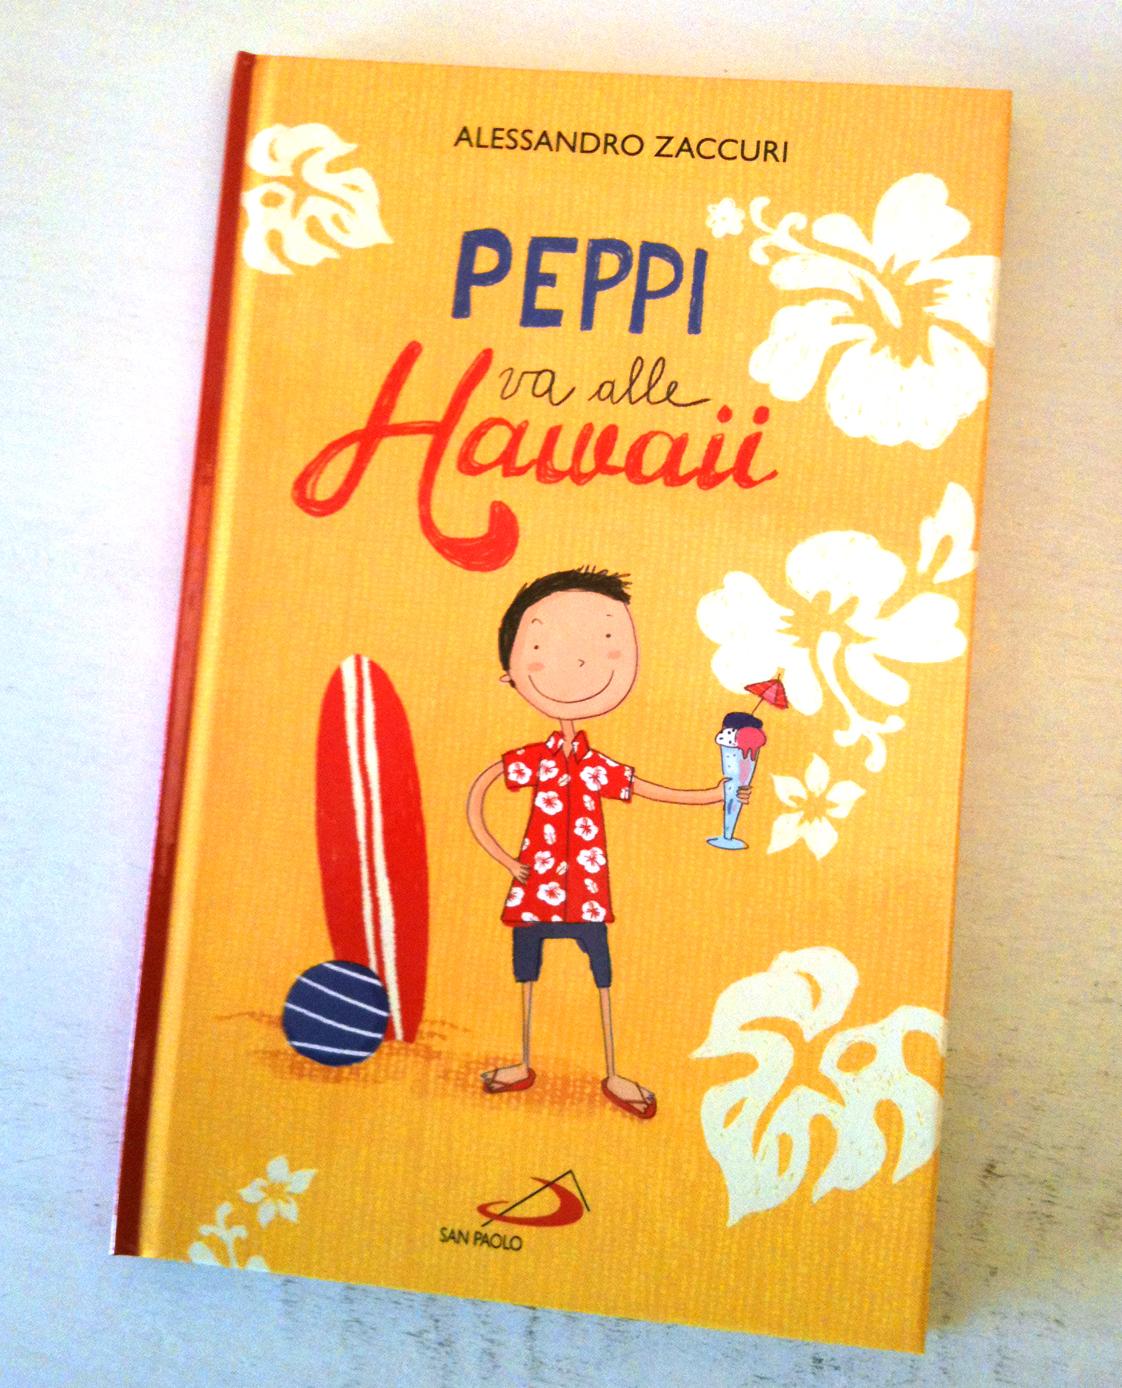 Silvia Baroncelli_A. Zaccuri_Peppi va alle hawaii cover